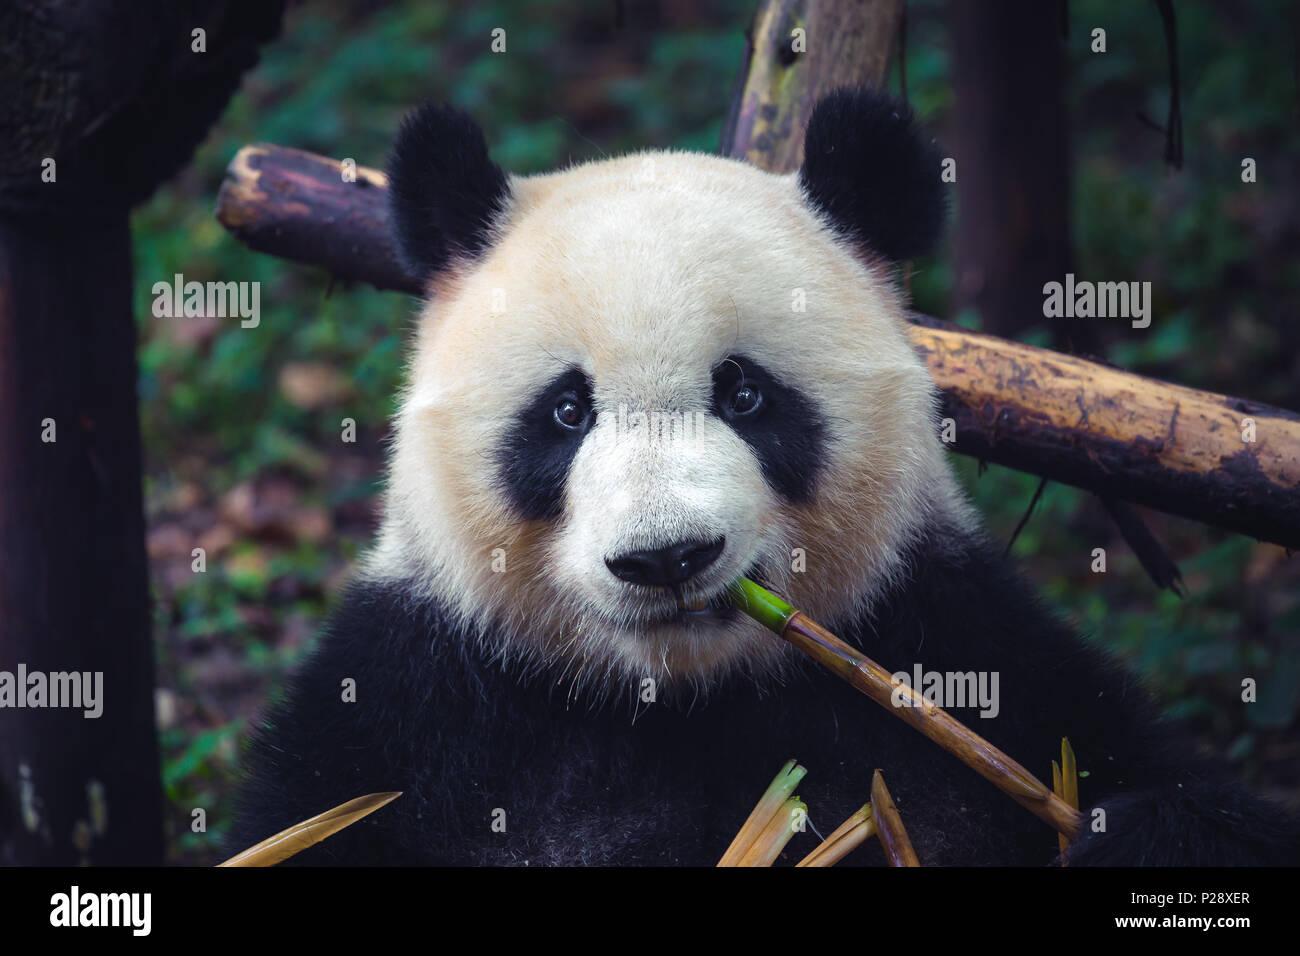 Un adulto panda gigante di mangiare un bastone di bambù in stretta su ritratto durante il giorno Immagini Stock